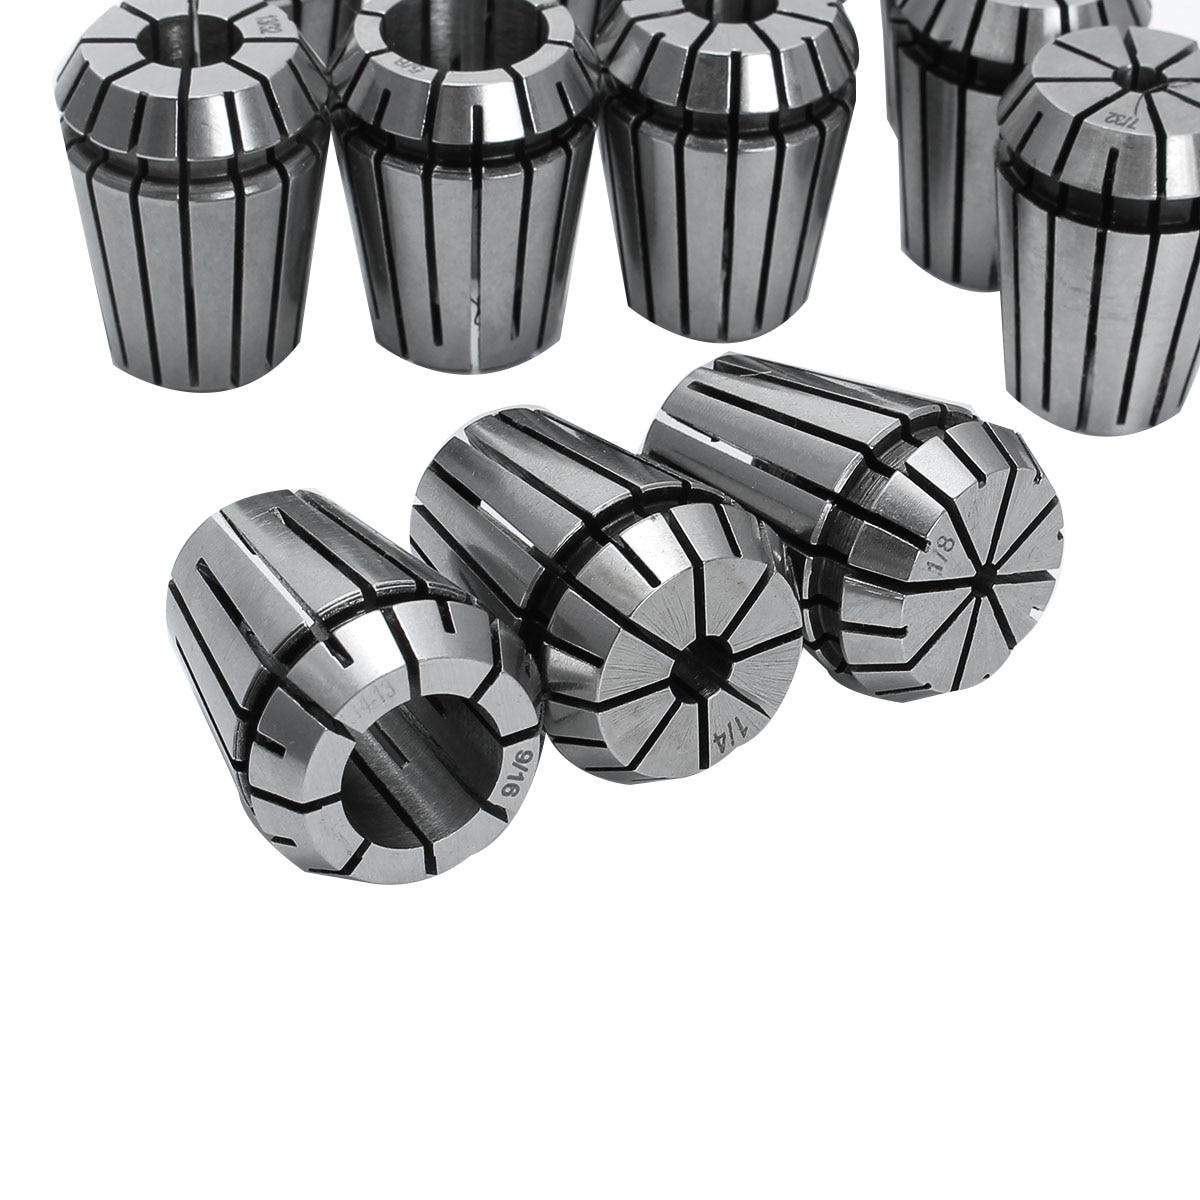 12X ER16 Spring Collet Set 1//32-3//8 CNC Milling Lathe 1//32 5//32 7//32 9//32 3//8 US